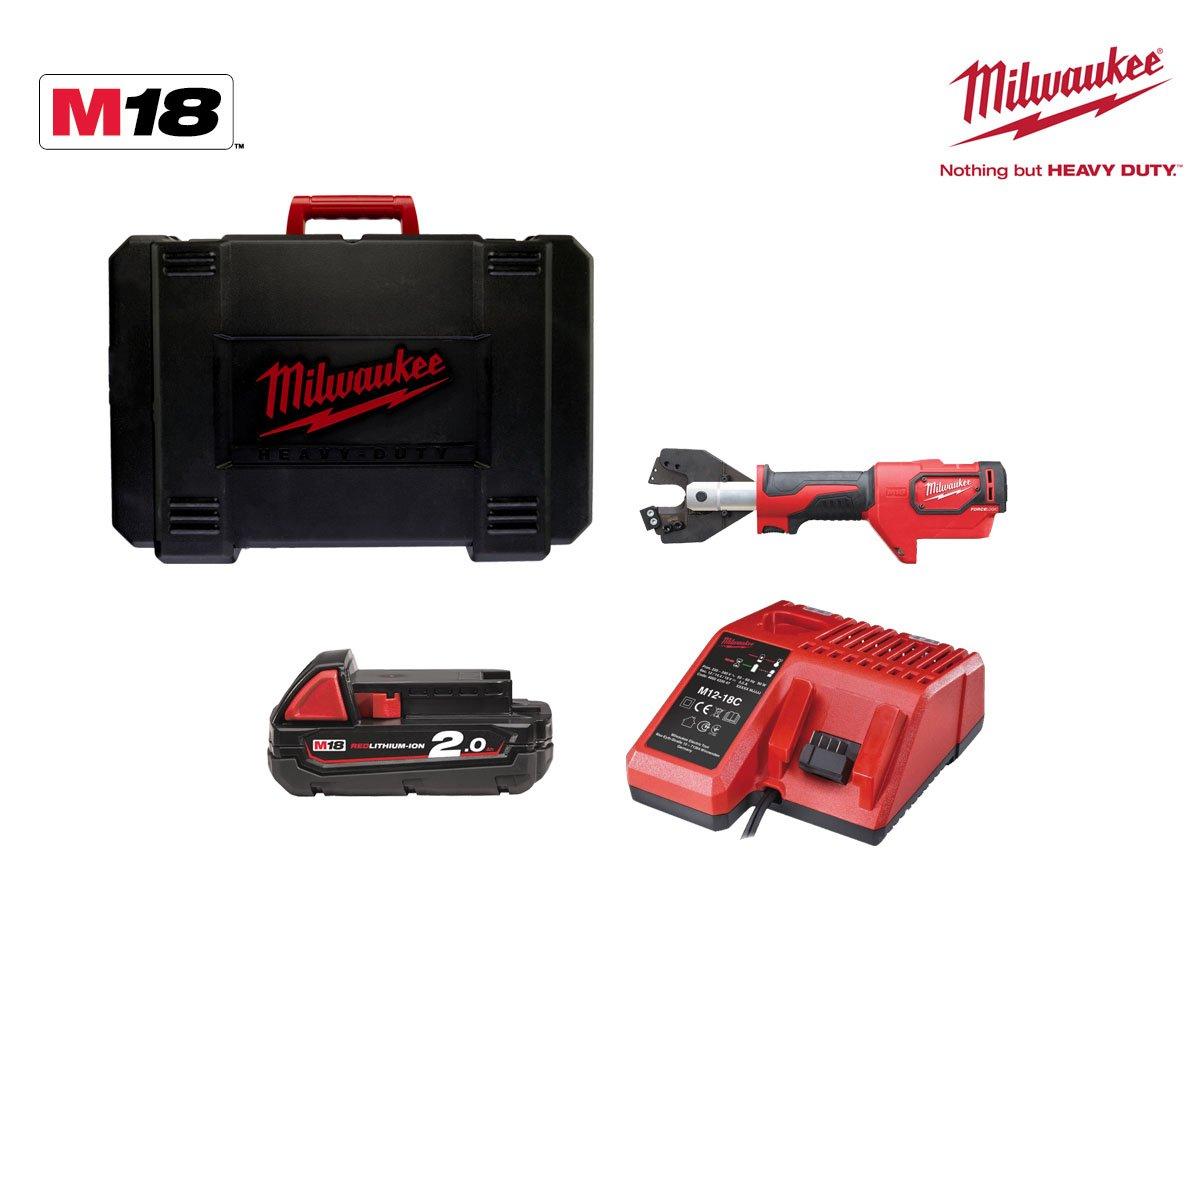 Milwaukee 4933451196 - M18 hccac-201c cu/al set cortadora m18 hidráulica cables de acero 1 bat 2,0ah y maletín: Amazon.es: Bricolaje y herramientas